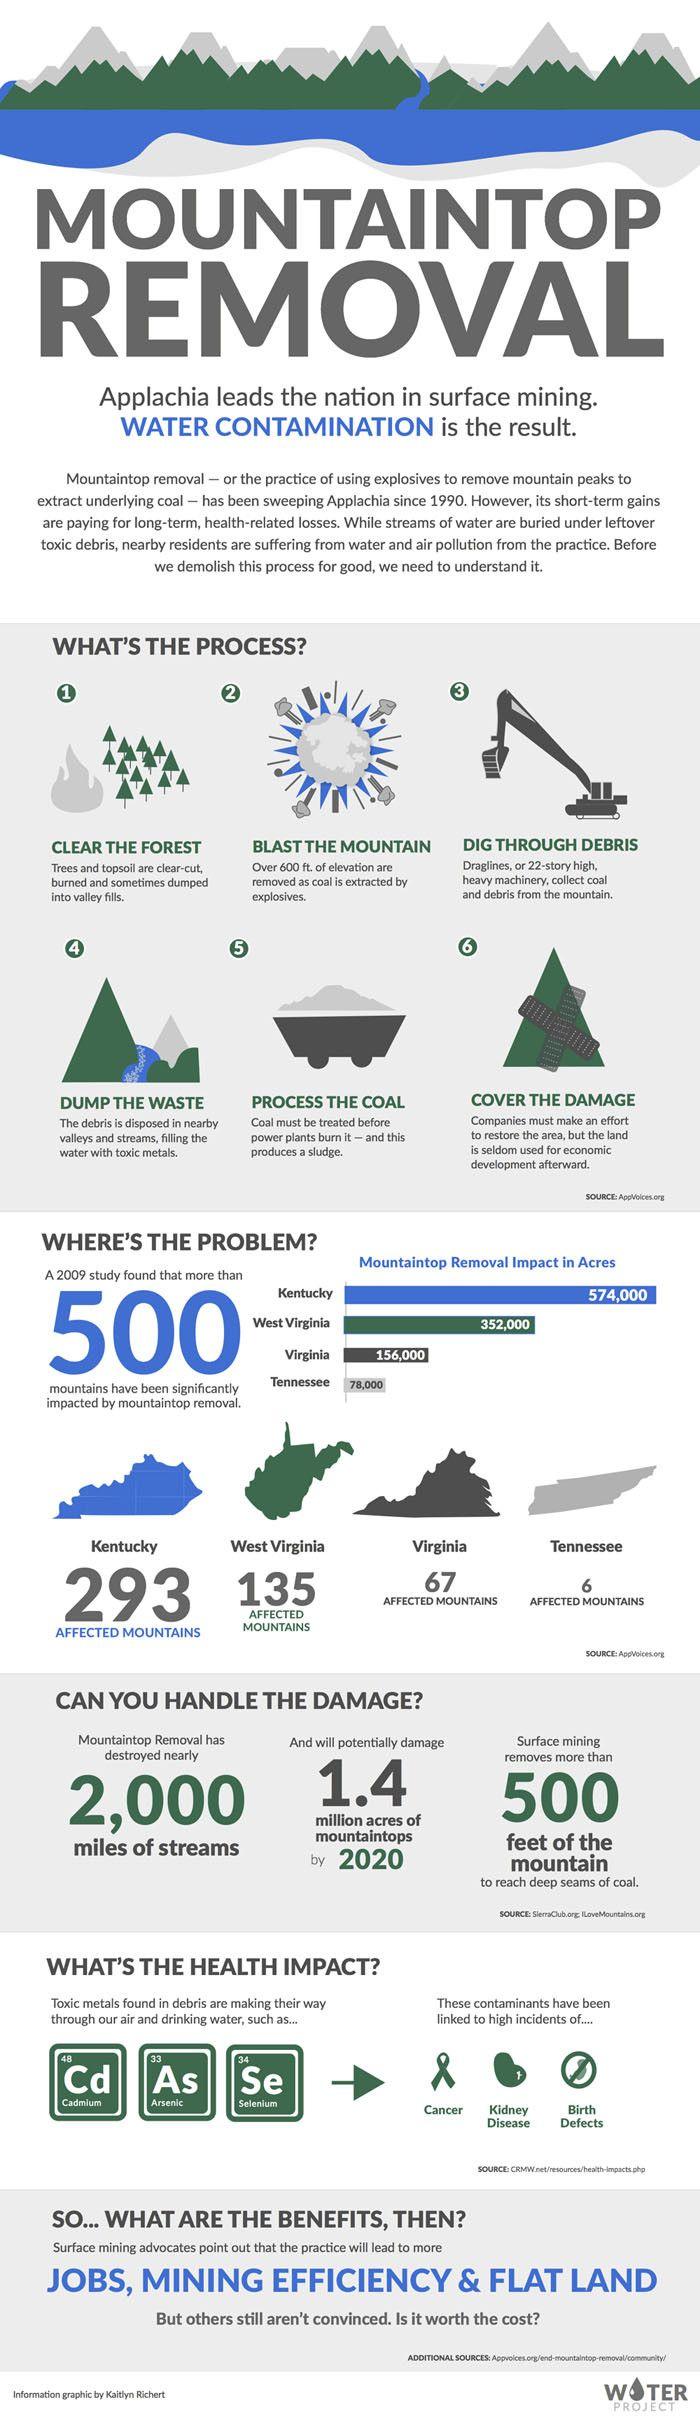 17 migliori immagini su Infographics Creator su Pinterest ...